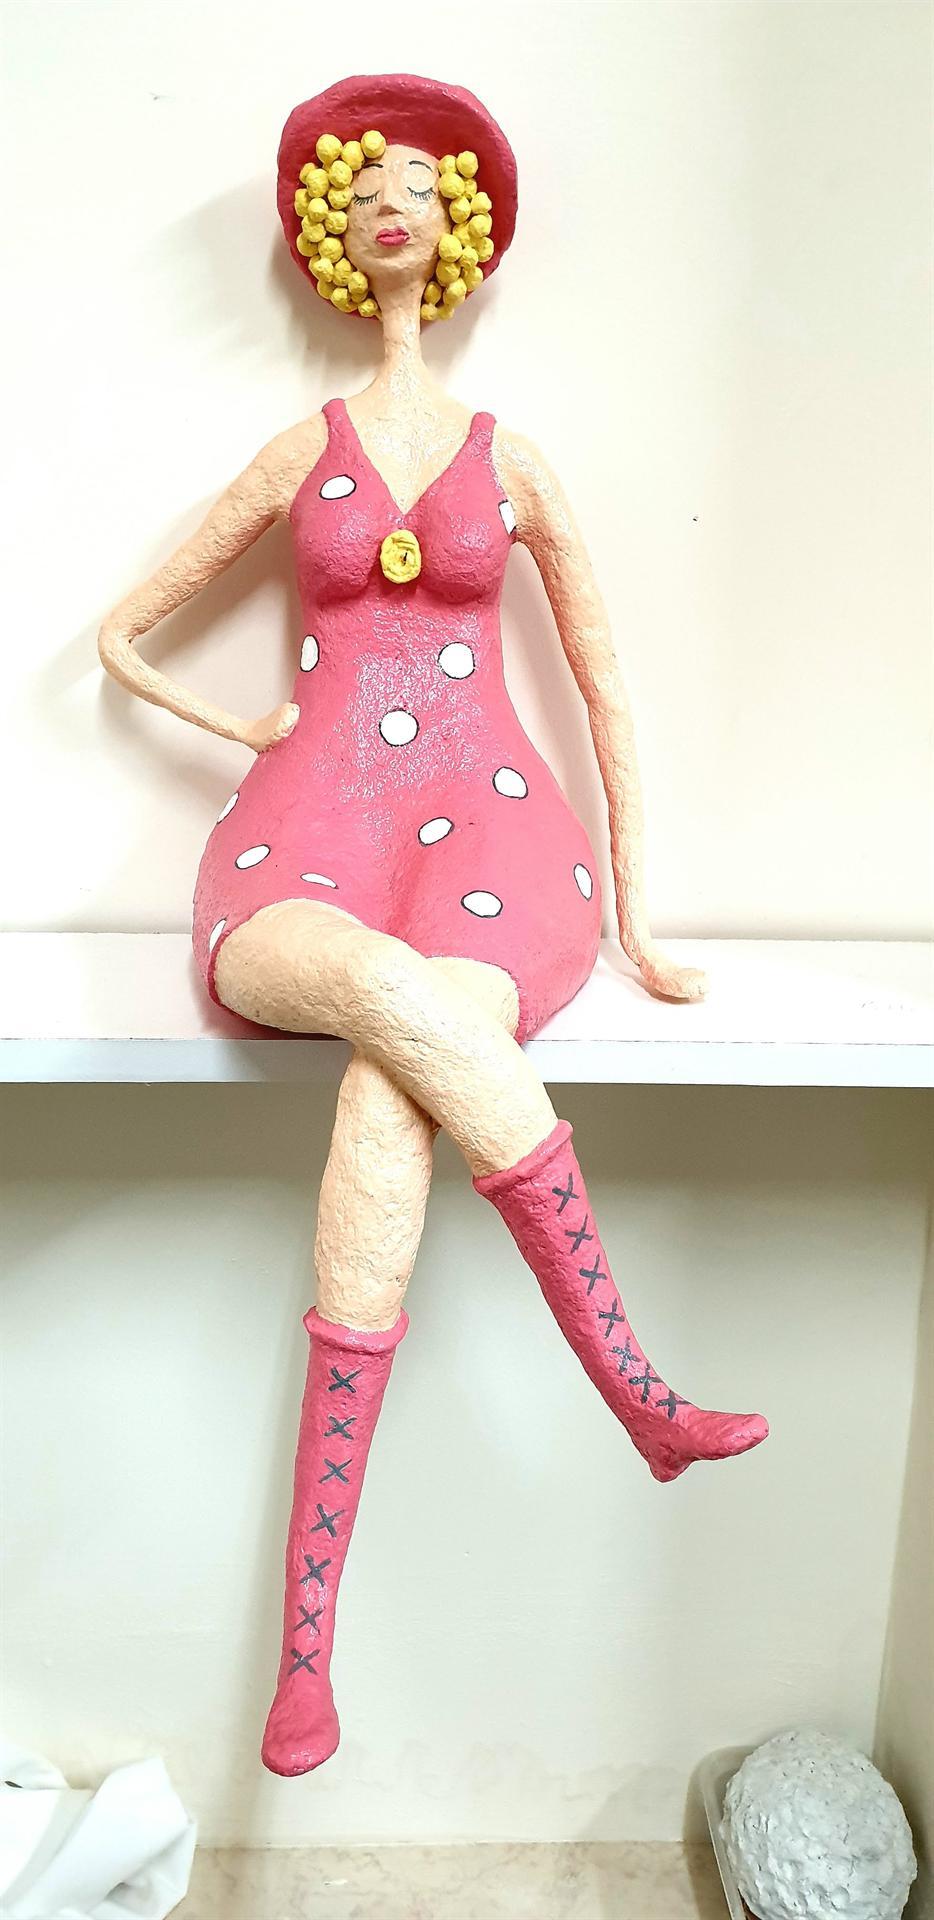 נערה עם שמלה ורודה מעיסת נייר של מיכל